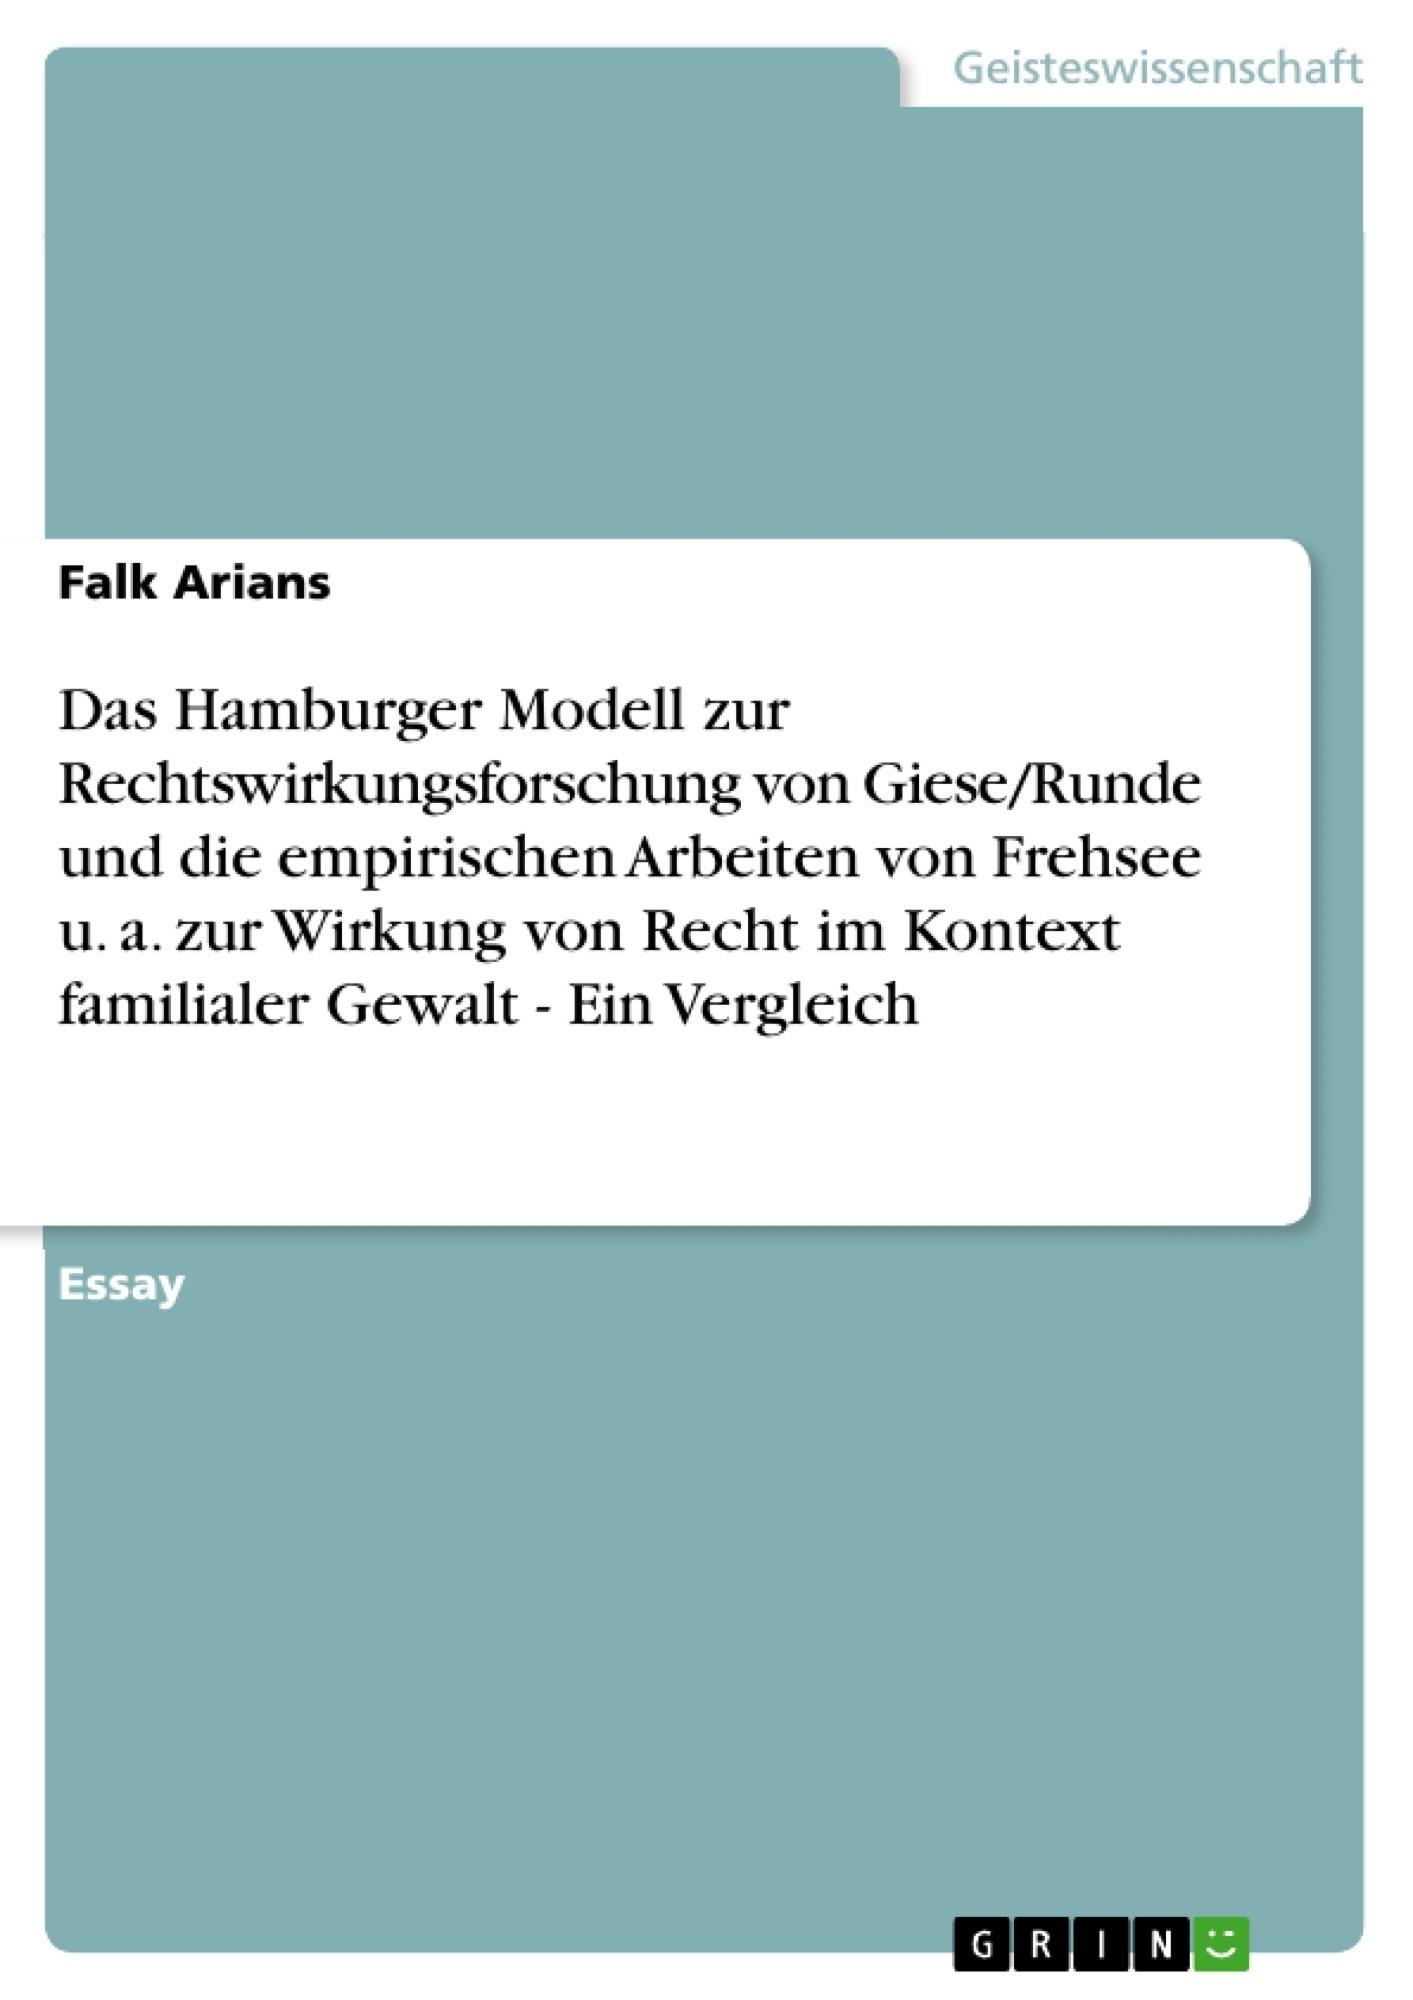 Titel: Das Hamburger Modell zur Rechtswirkungsforschung von Giese/Runde und die empirischen Arbeiten von Frehsee u. a. zur Wirkung von Recht im Kontext familialer Gewalt - Ein Vergleich